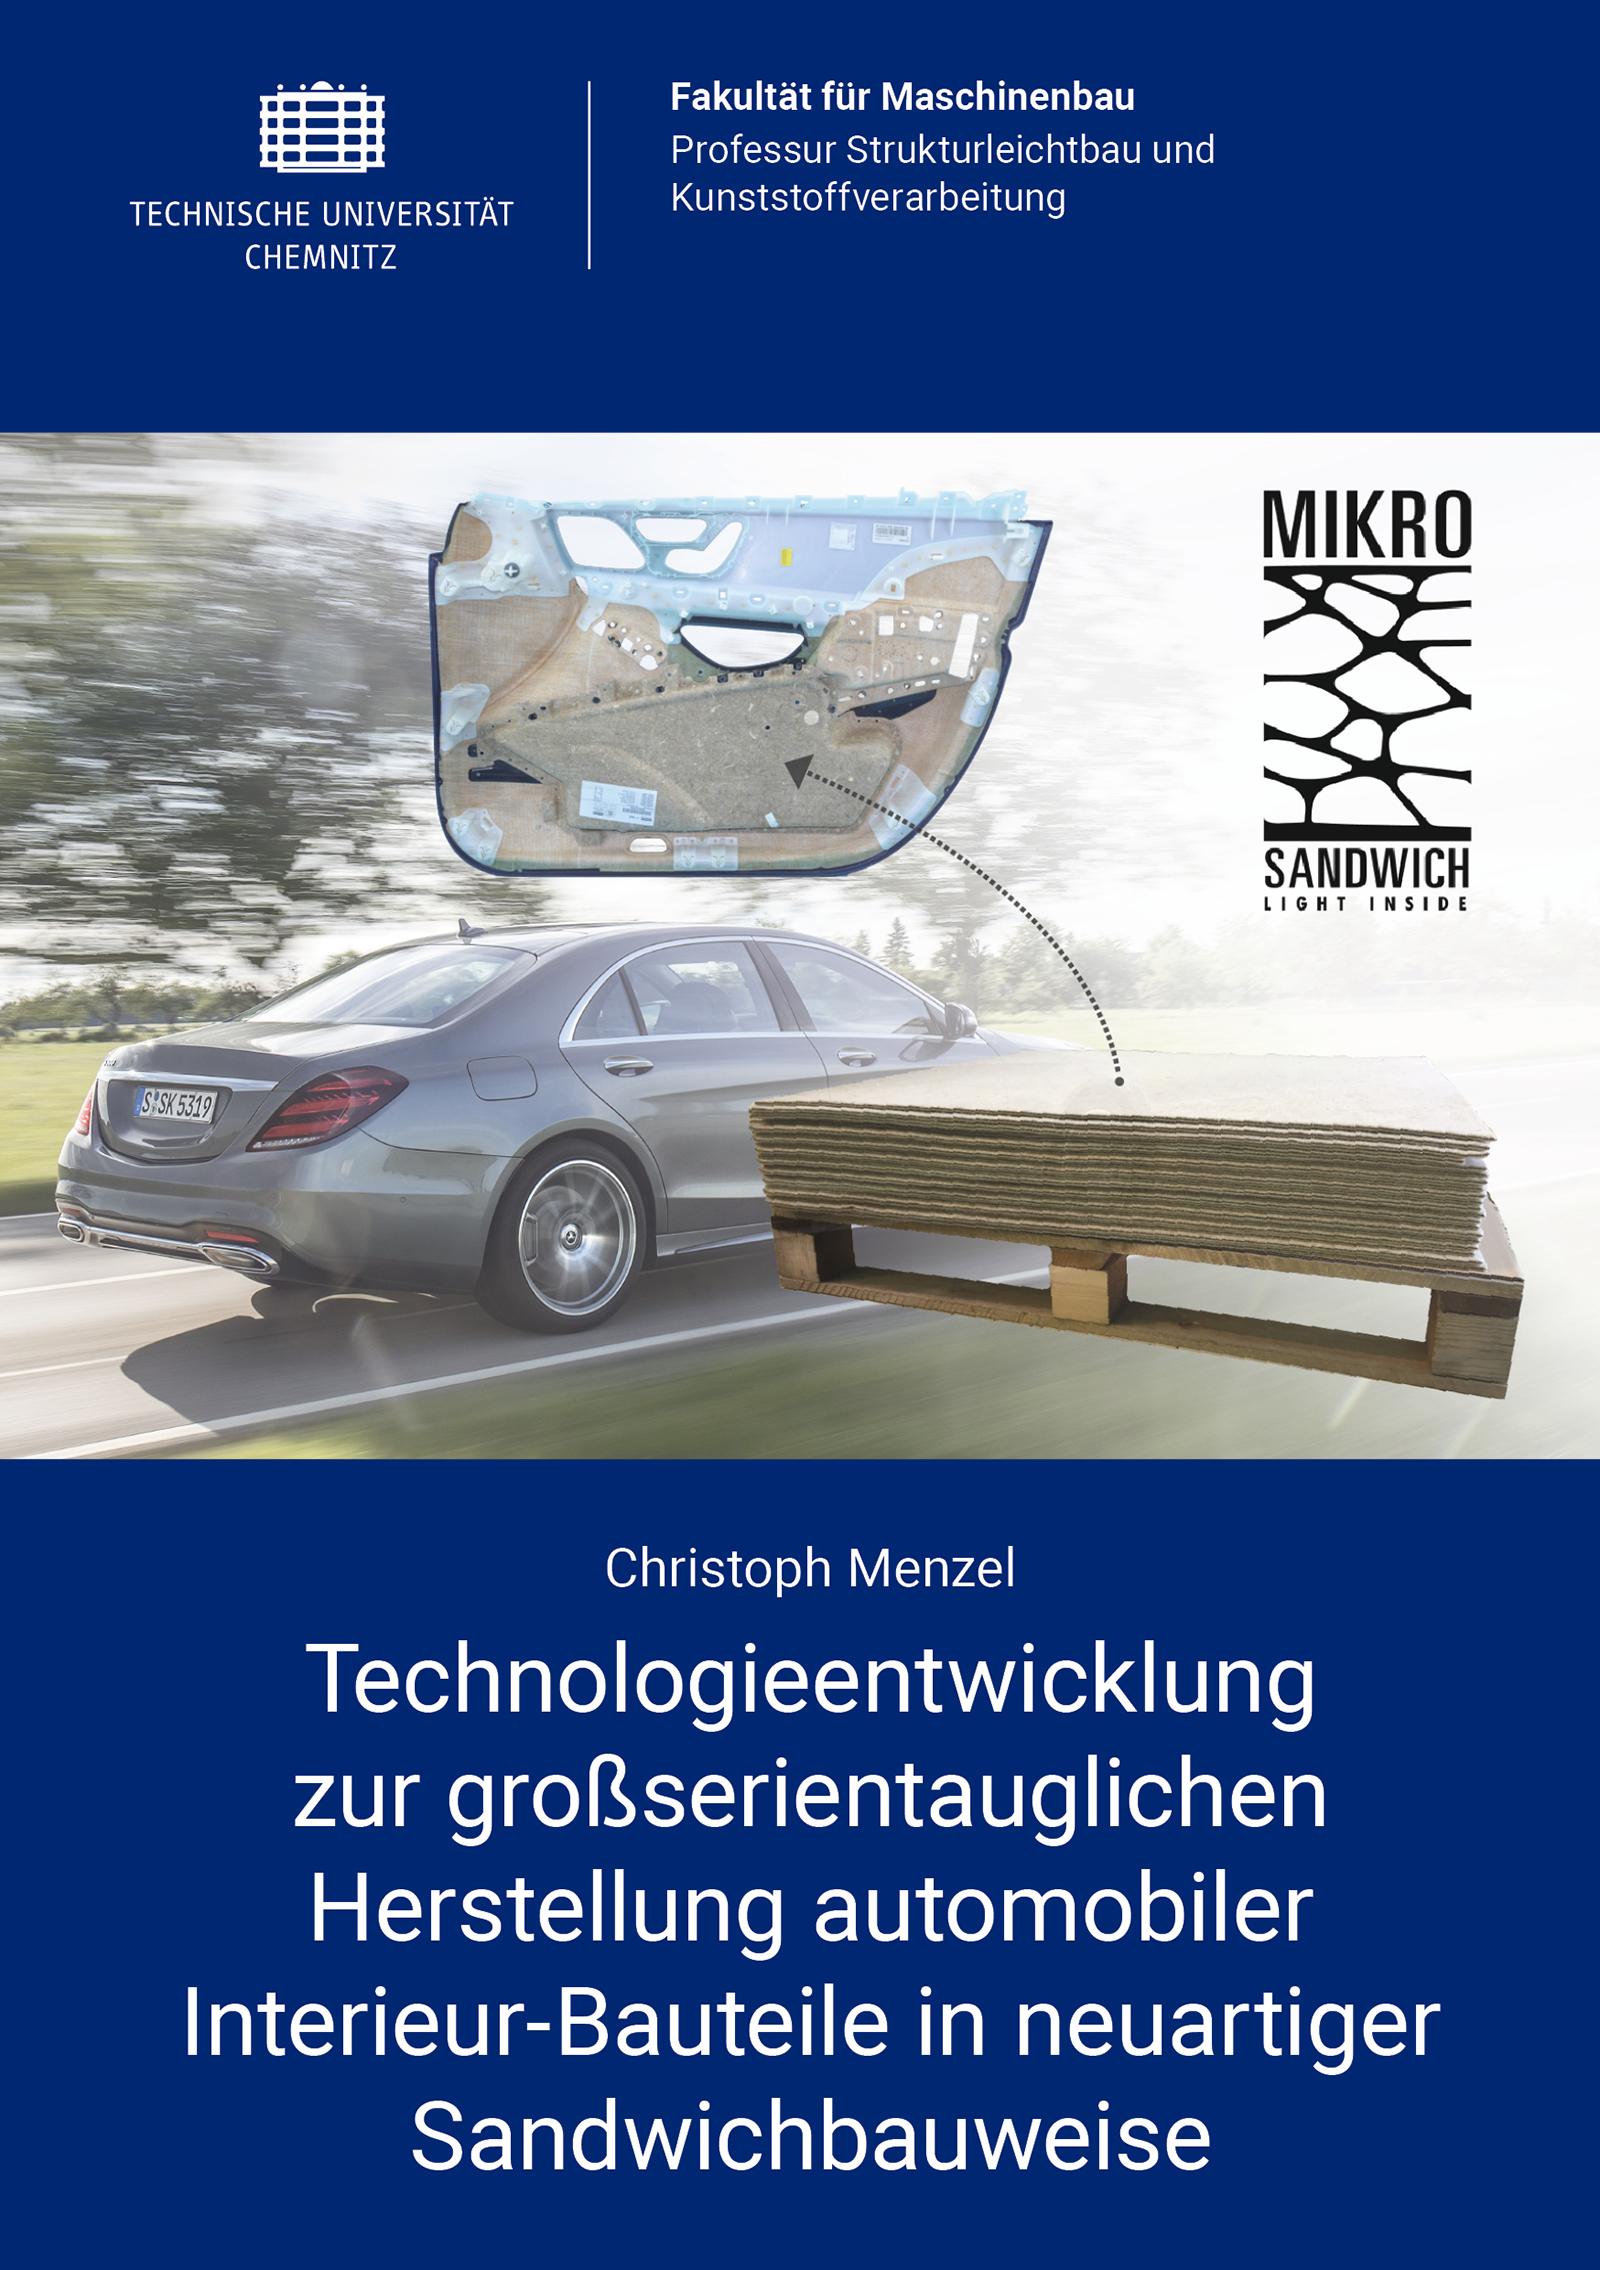 Cover: Technologieentwicklung zur großserientauglichen Herstellung automobiler Interieur-Bauteile in neuartiger Sandwichbauweise